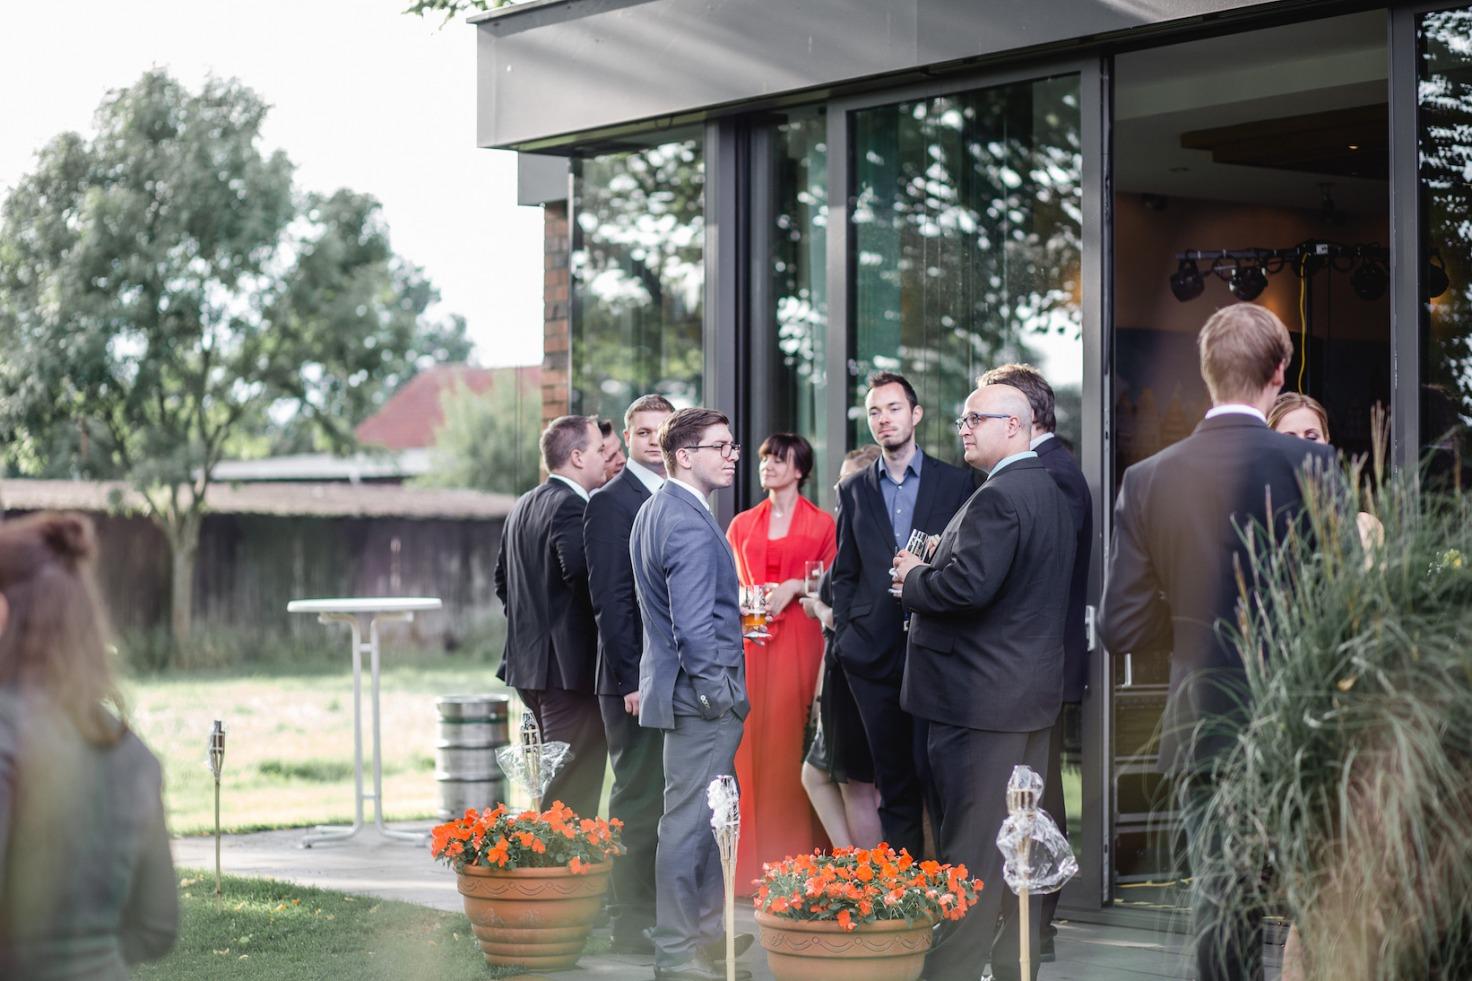 Hochzeit von Laura und Marco in Münster: Hochzeitsgäste, die sich unterhalten